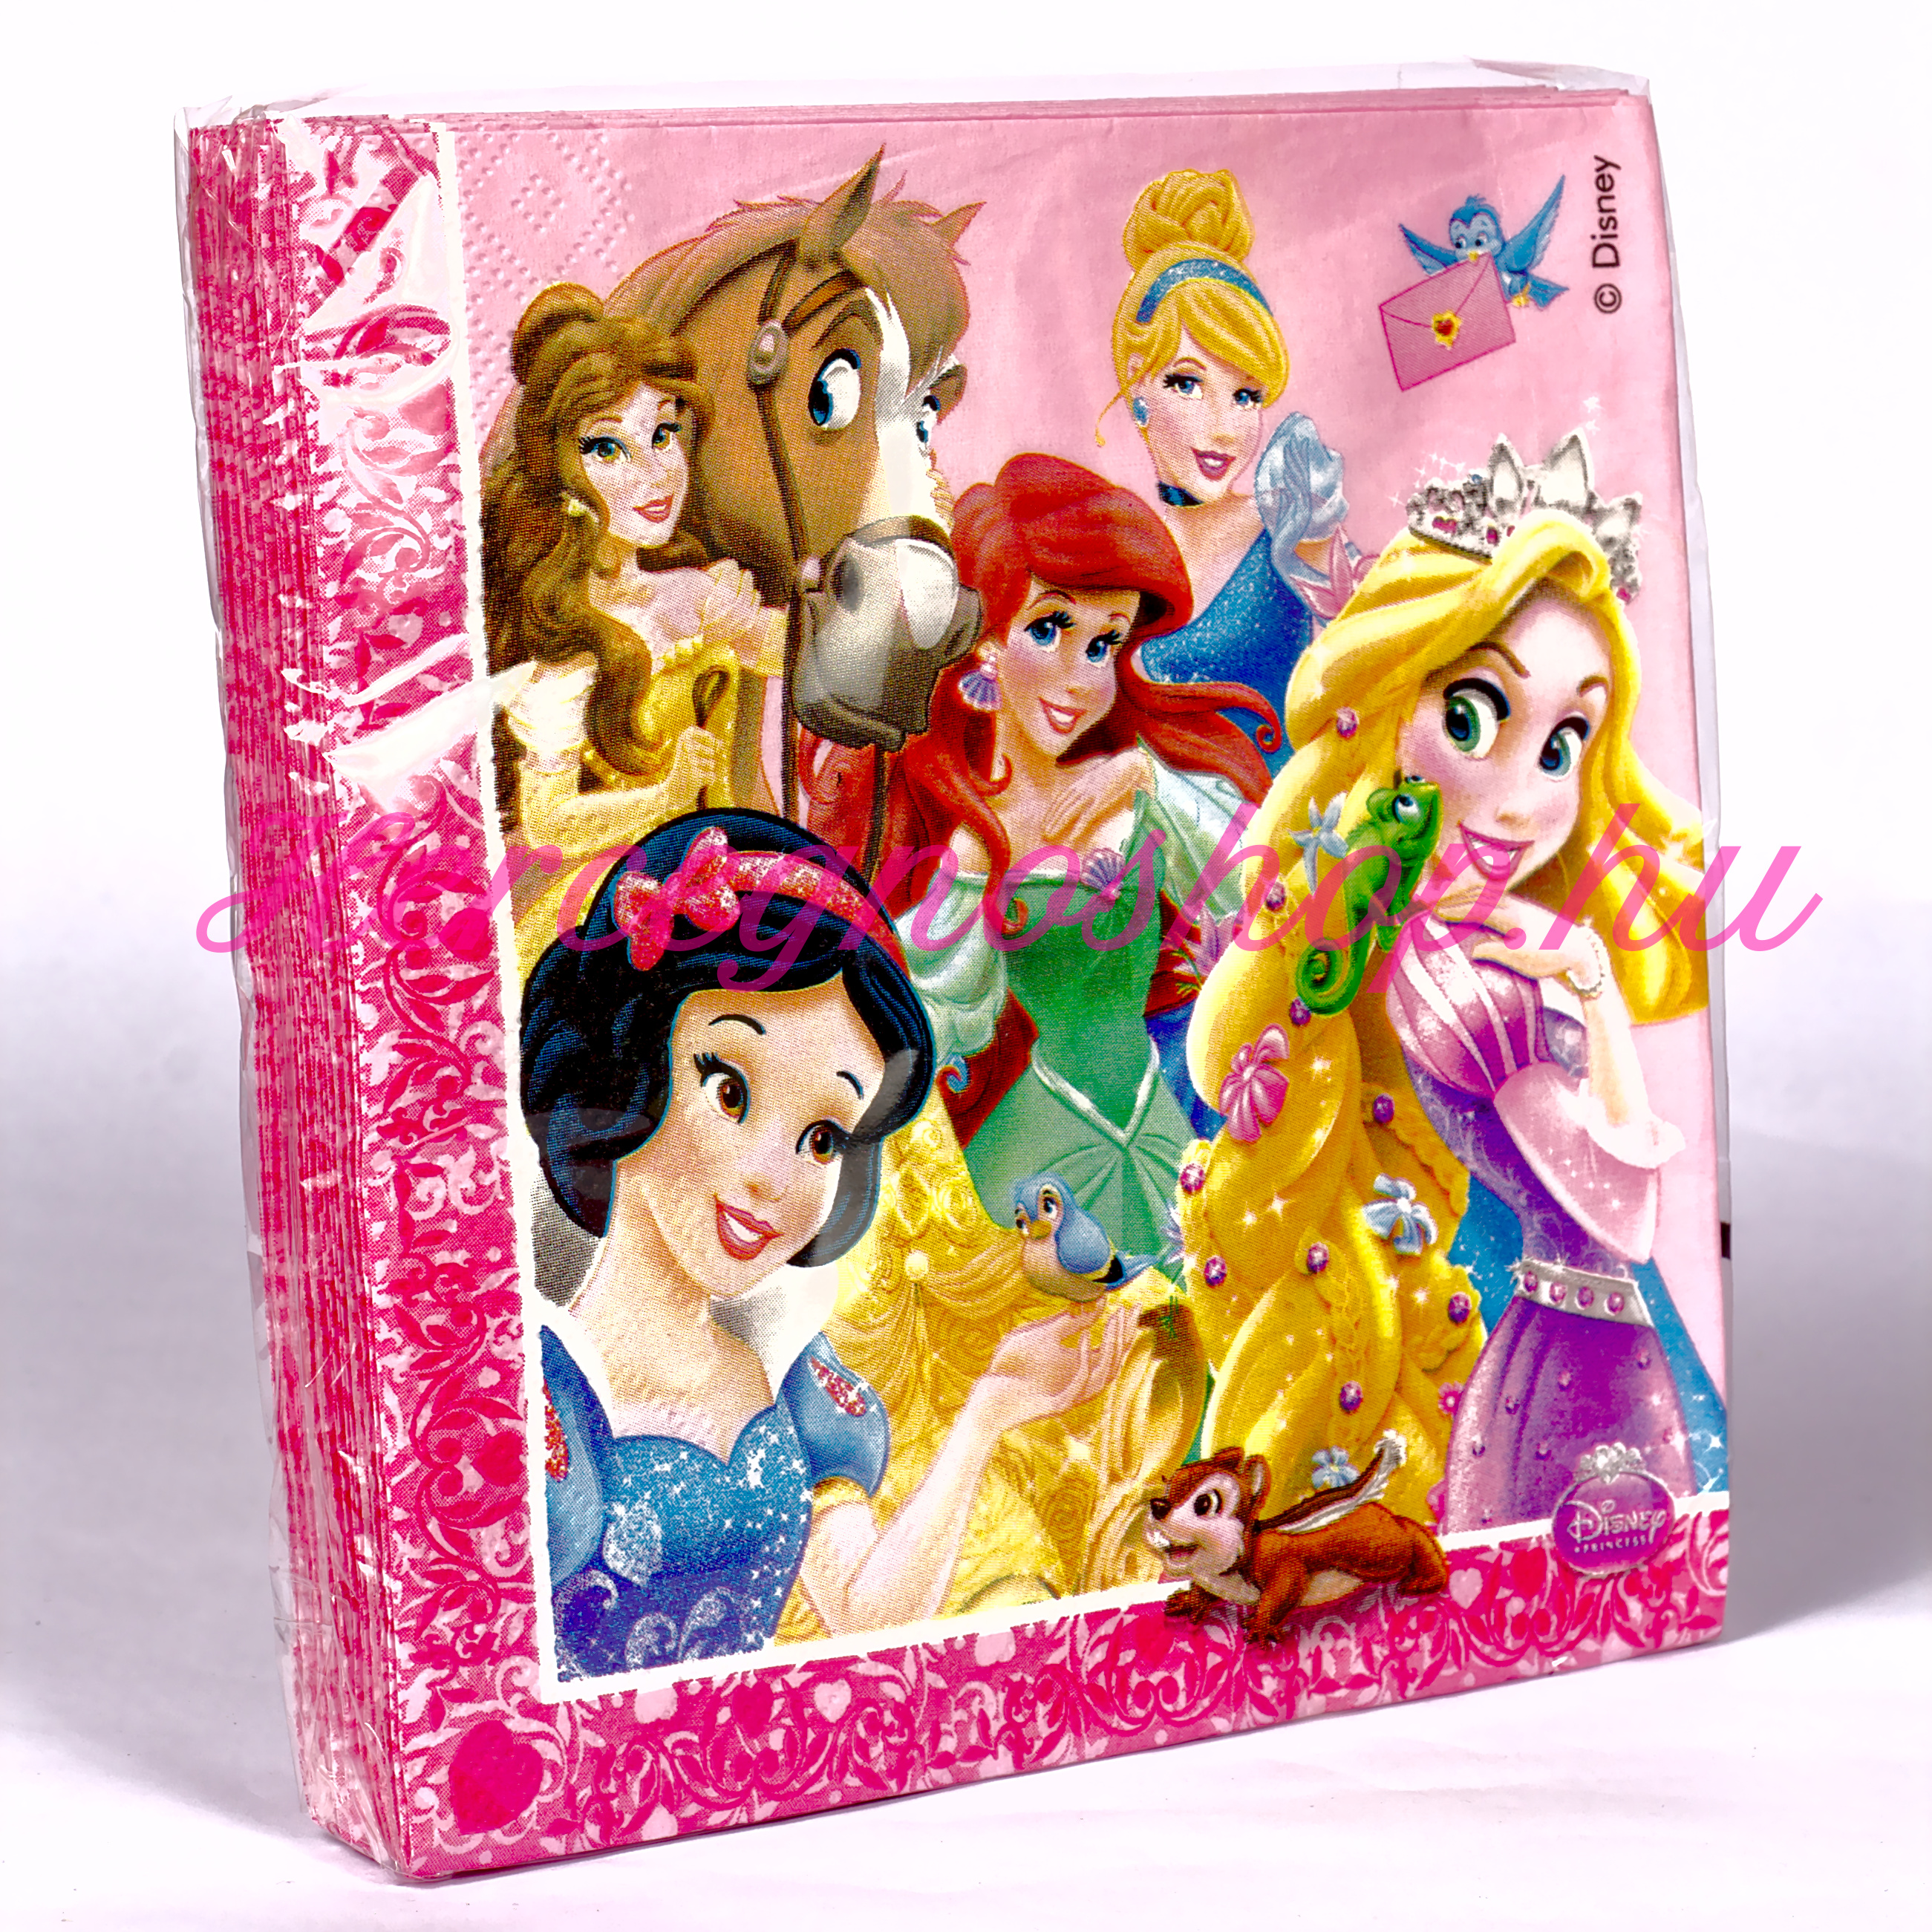 Disney hercegnők szalvéta (Disney Princess)